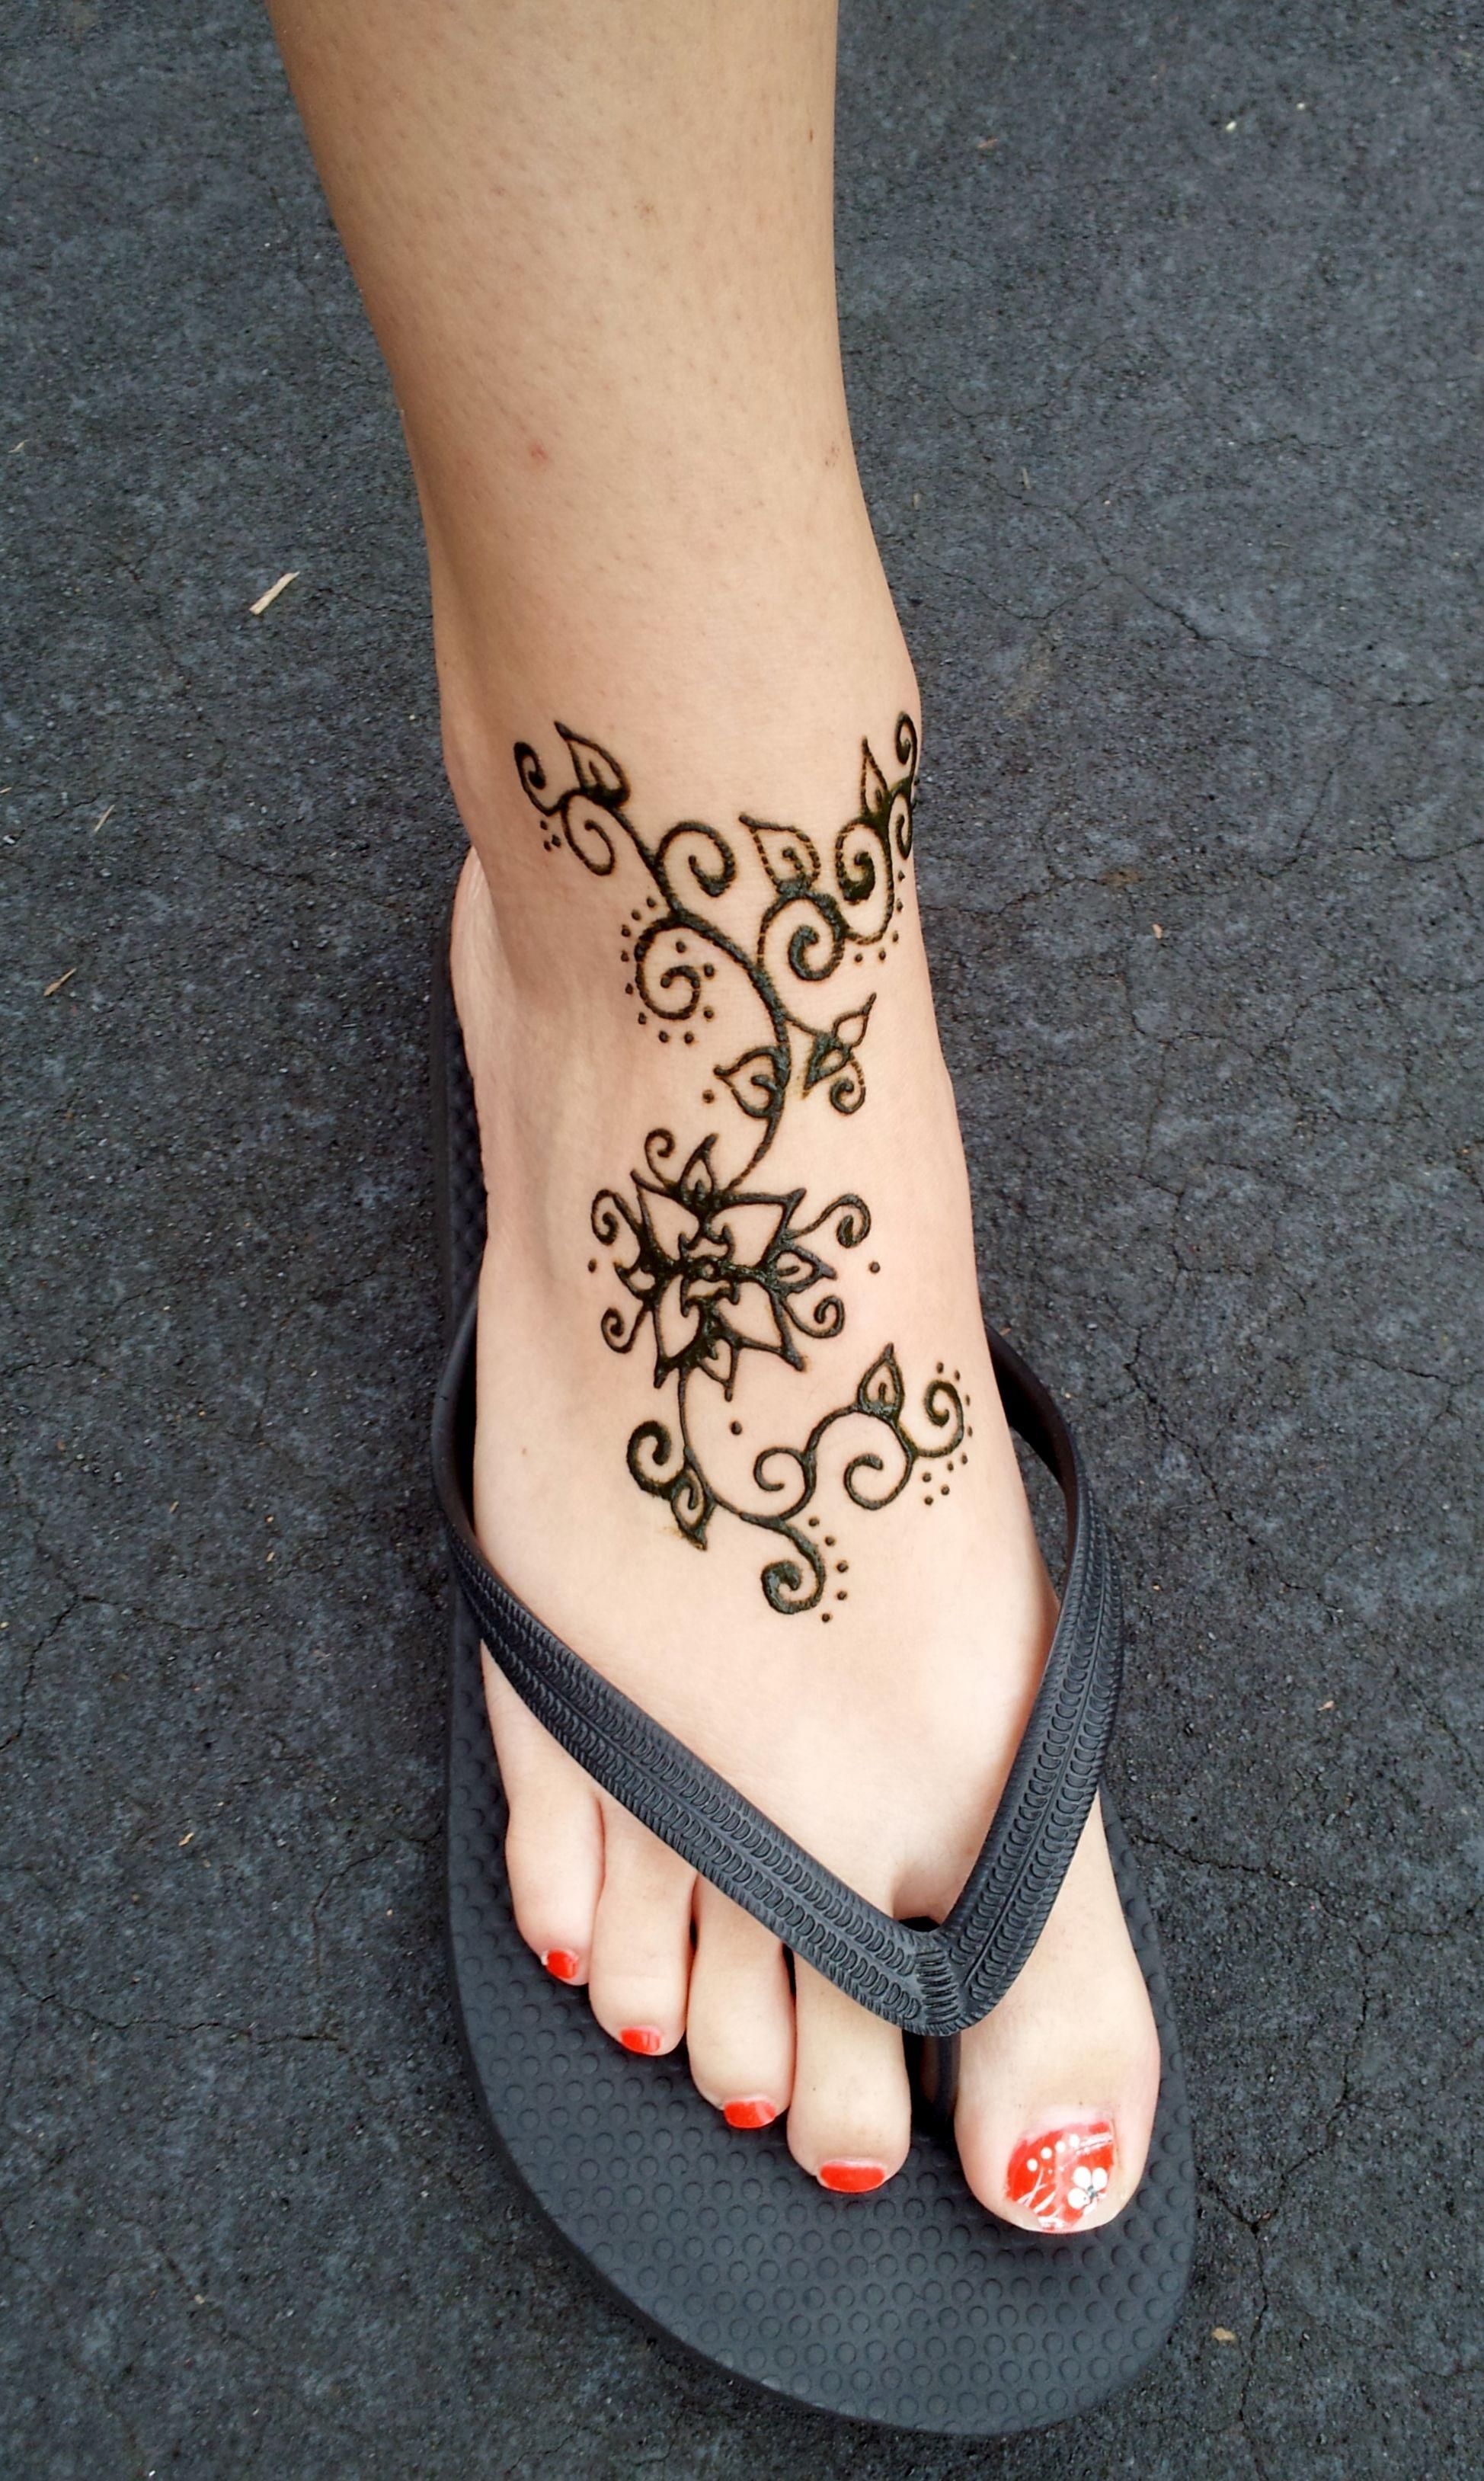 Henna Tattoo That Lasts 6 Months: Dövme, Kına